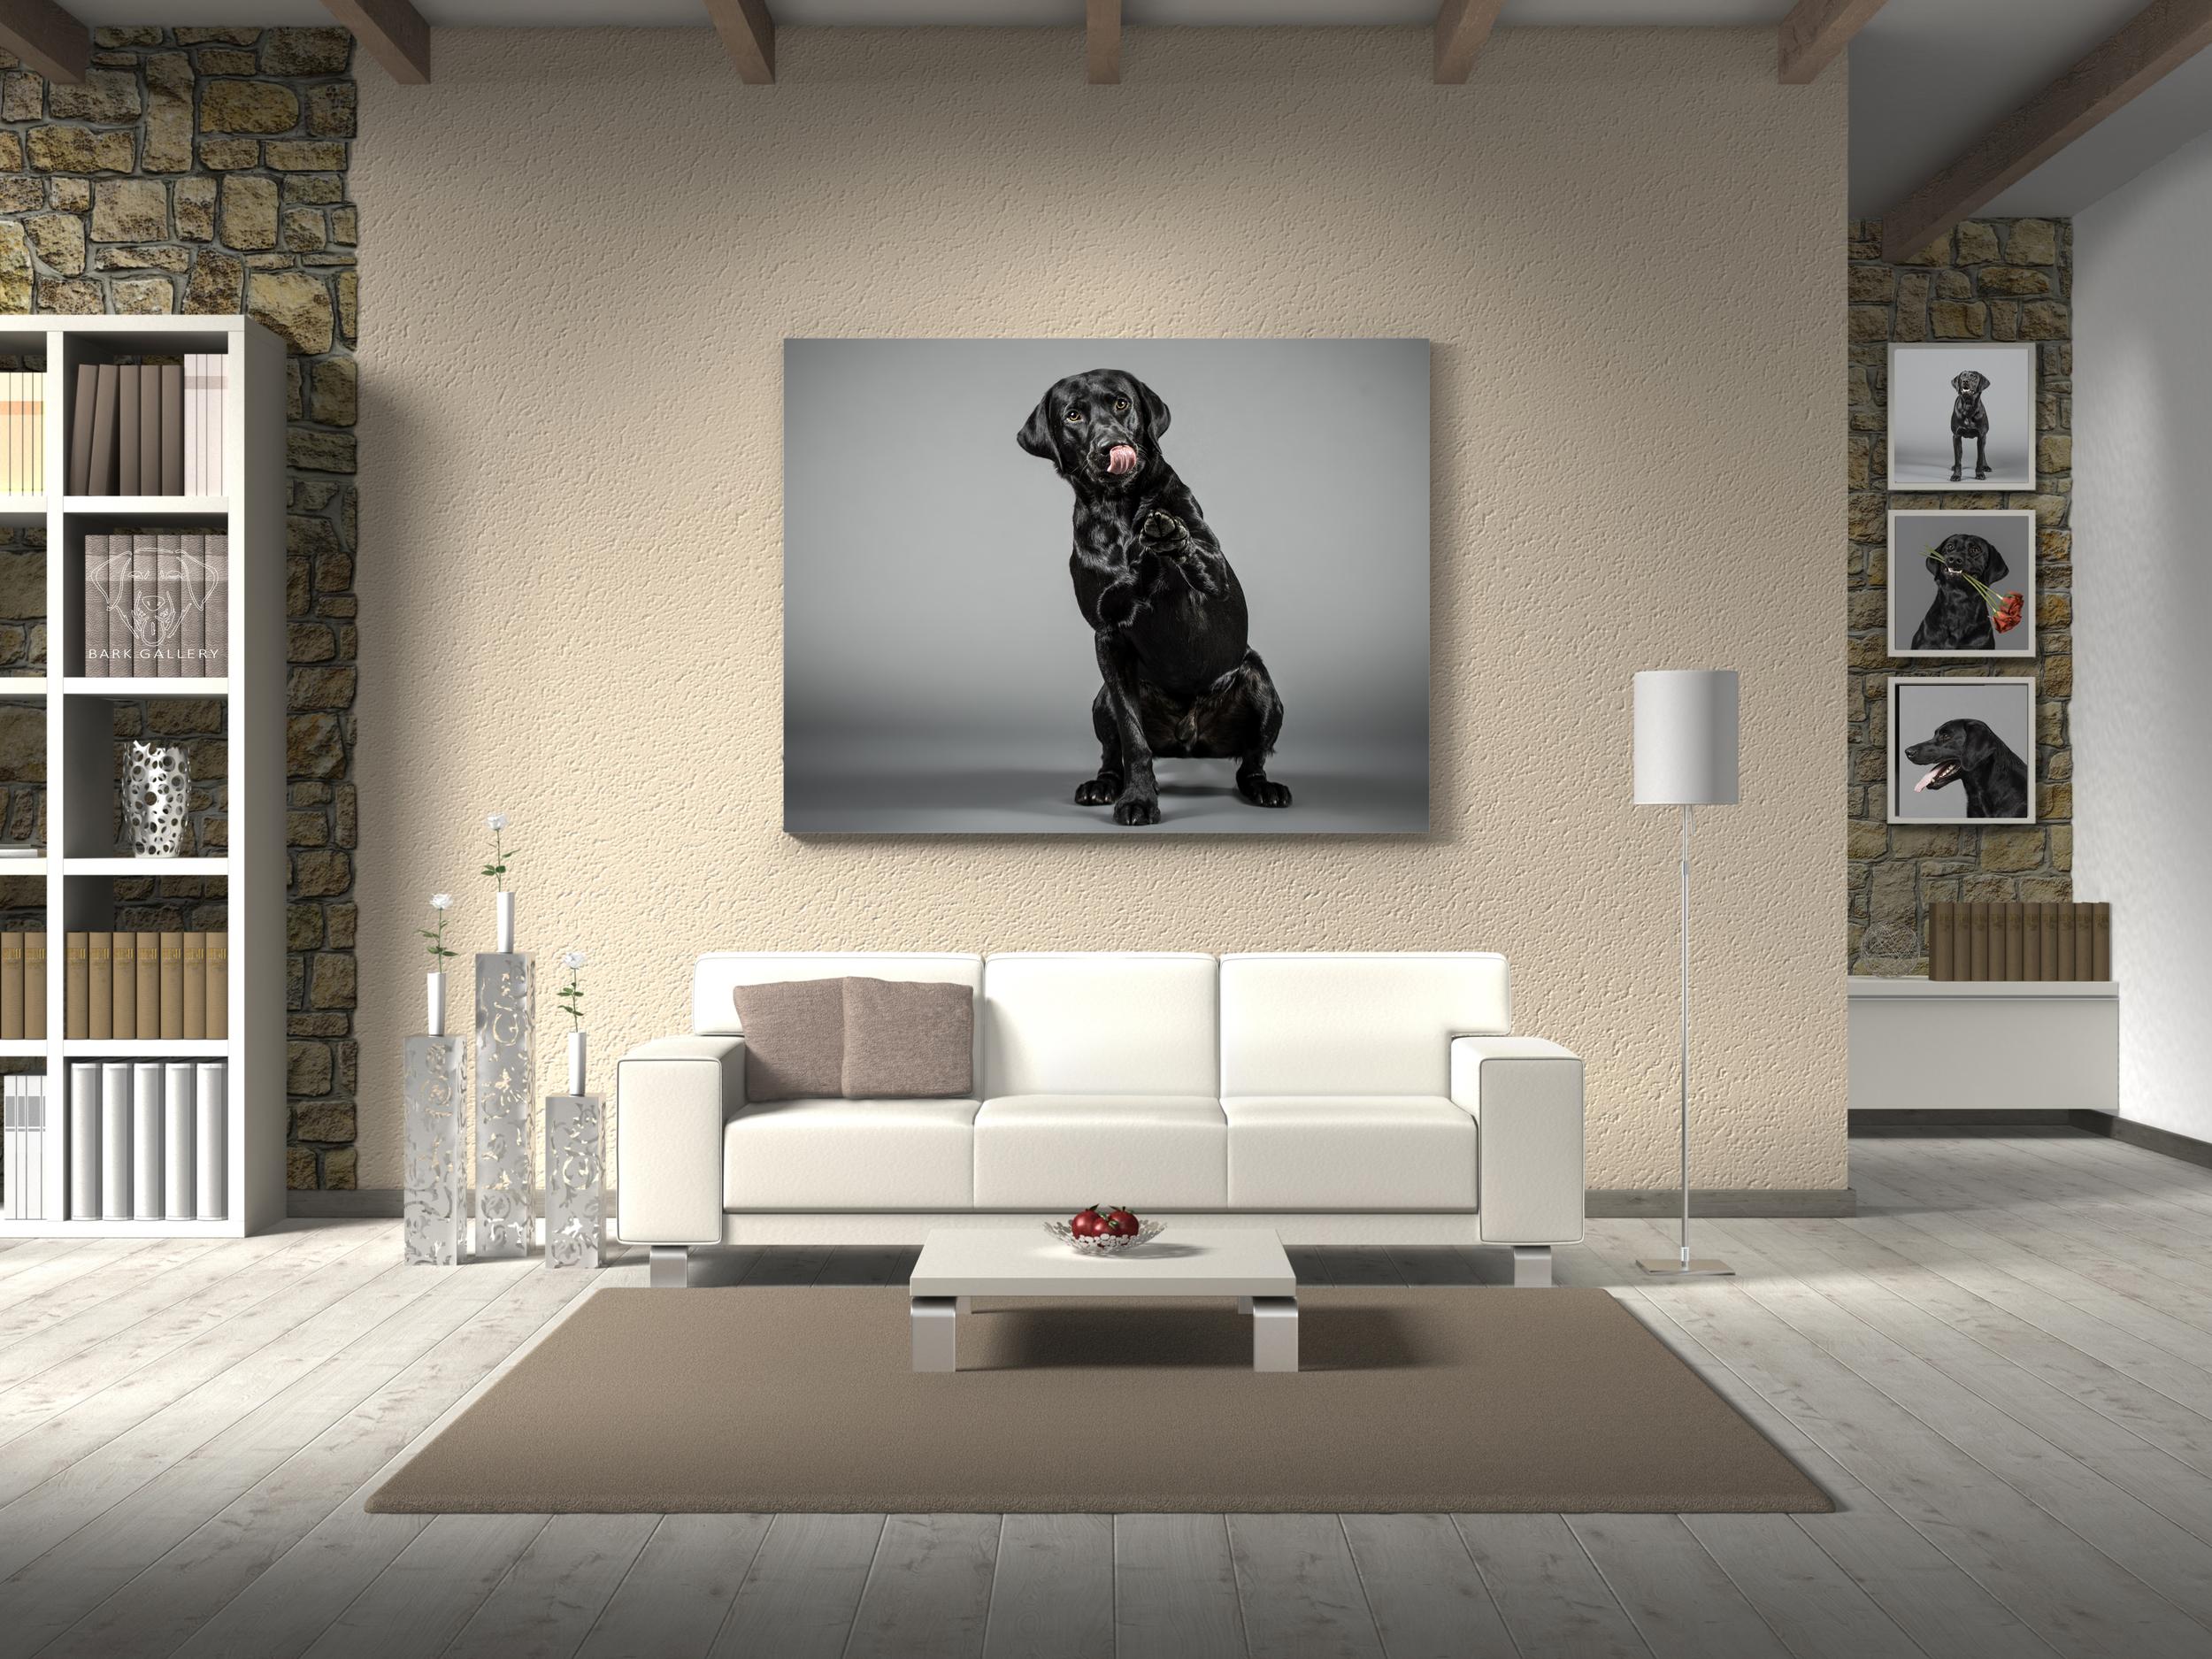 wall-portrait-dog